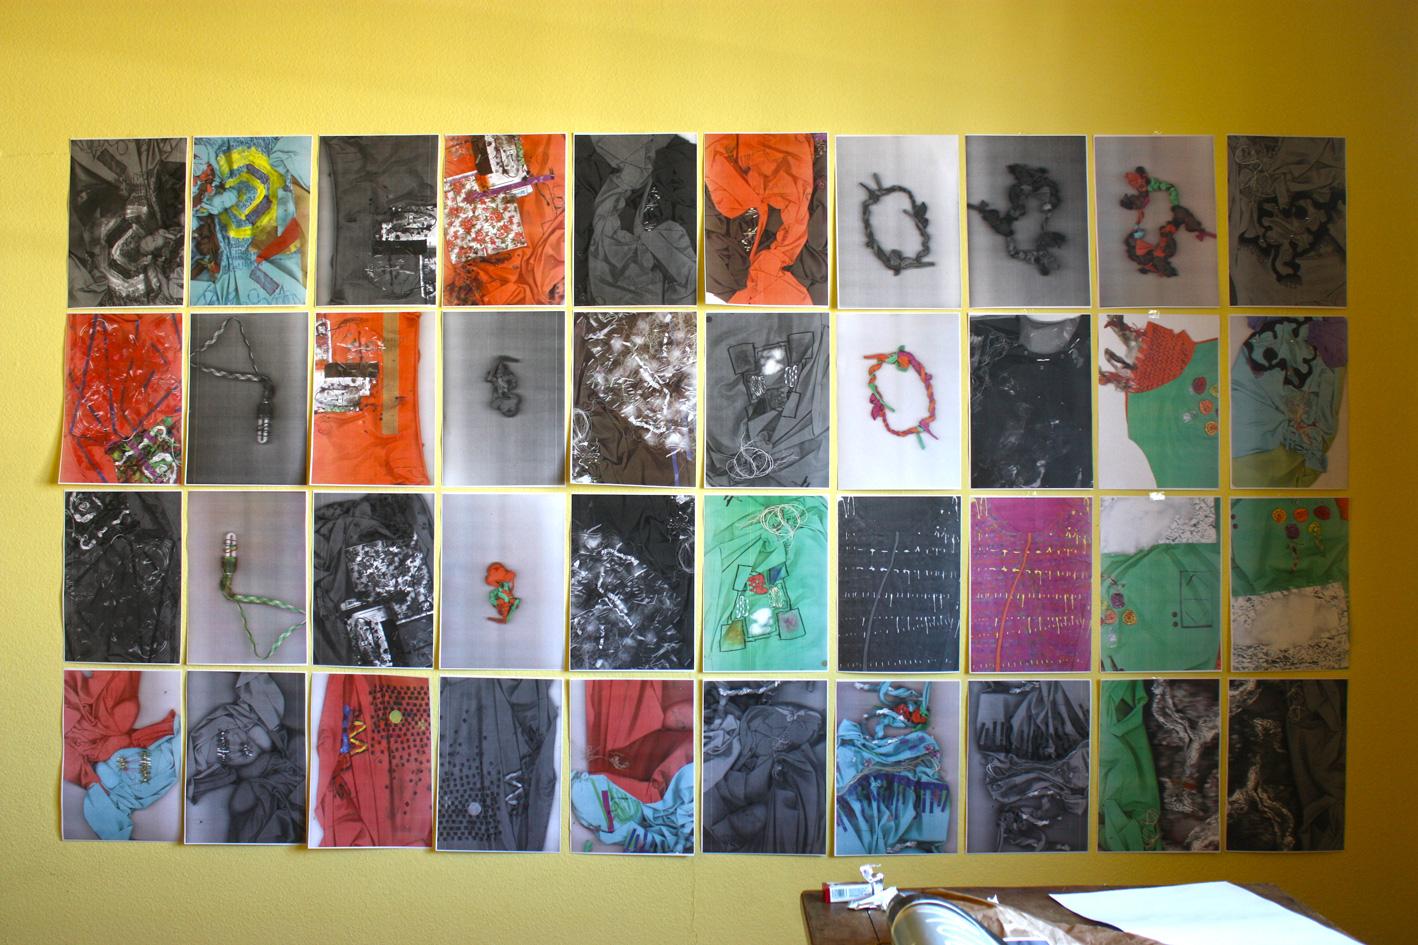 gerrit_schweiger-Rummel-2030-Zukunft-Kinder-Kreativität-Mode-Workshop-Modenschau-Ausstellung-06